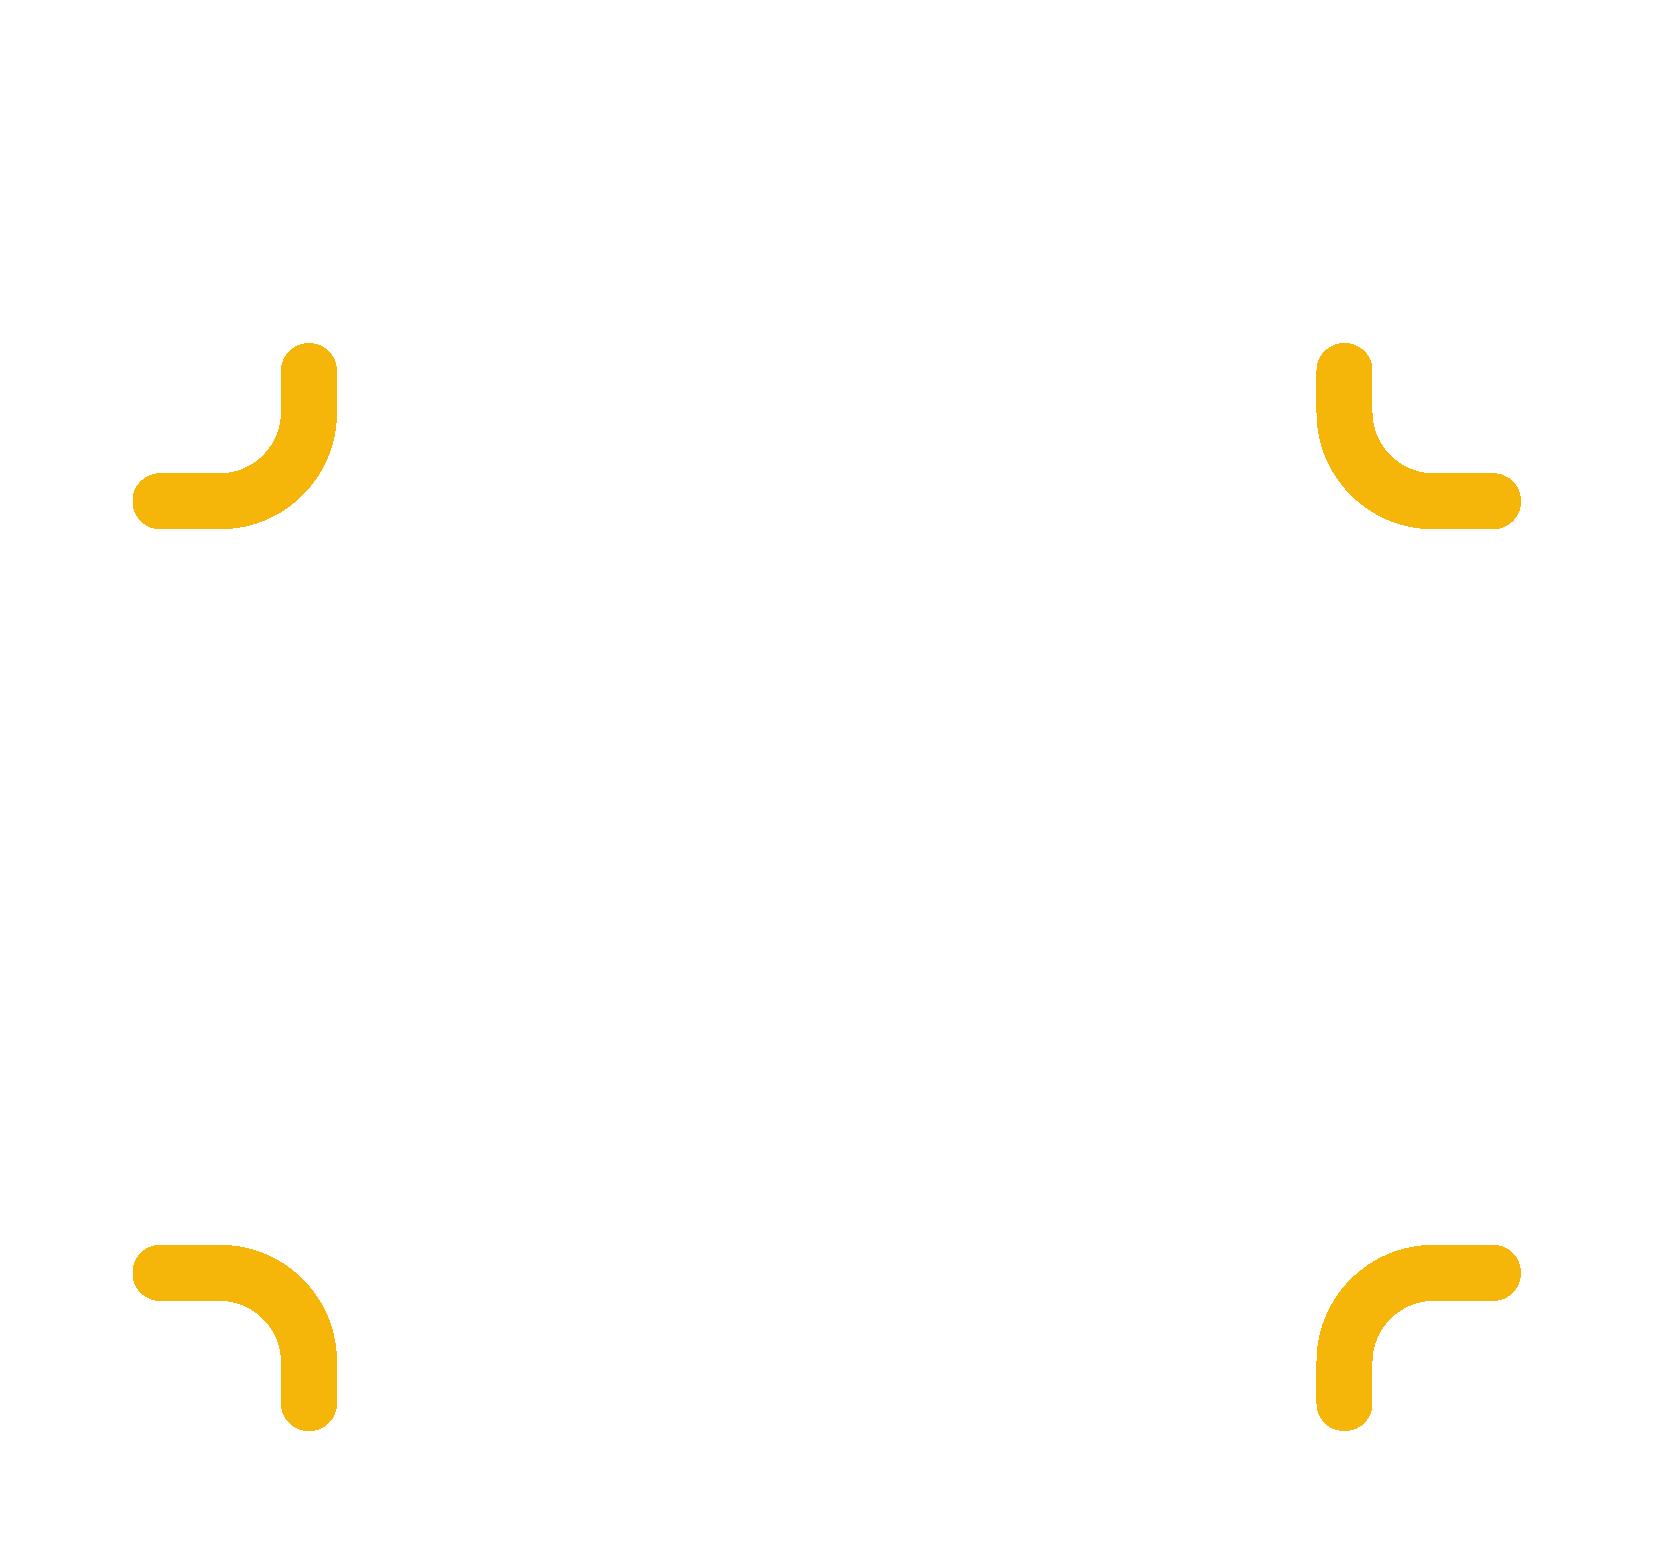 icondrone3